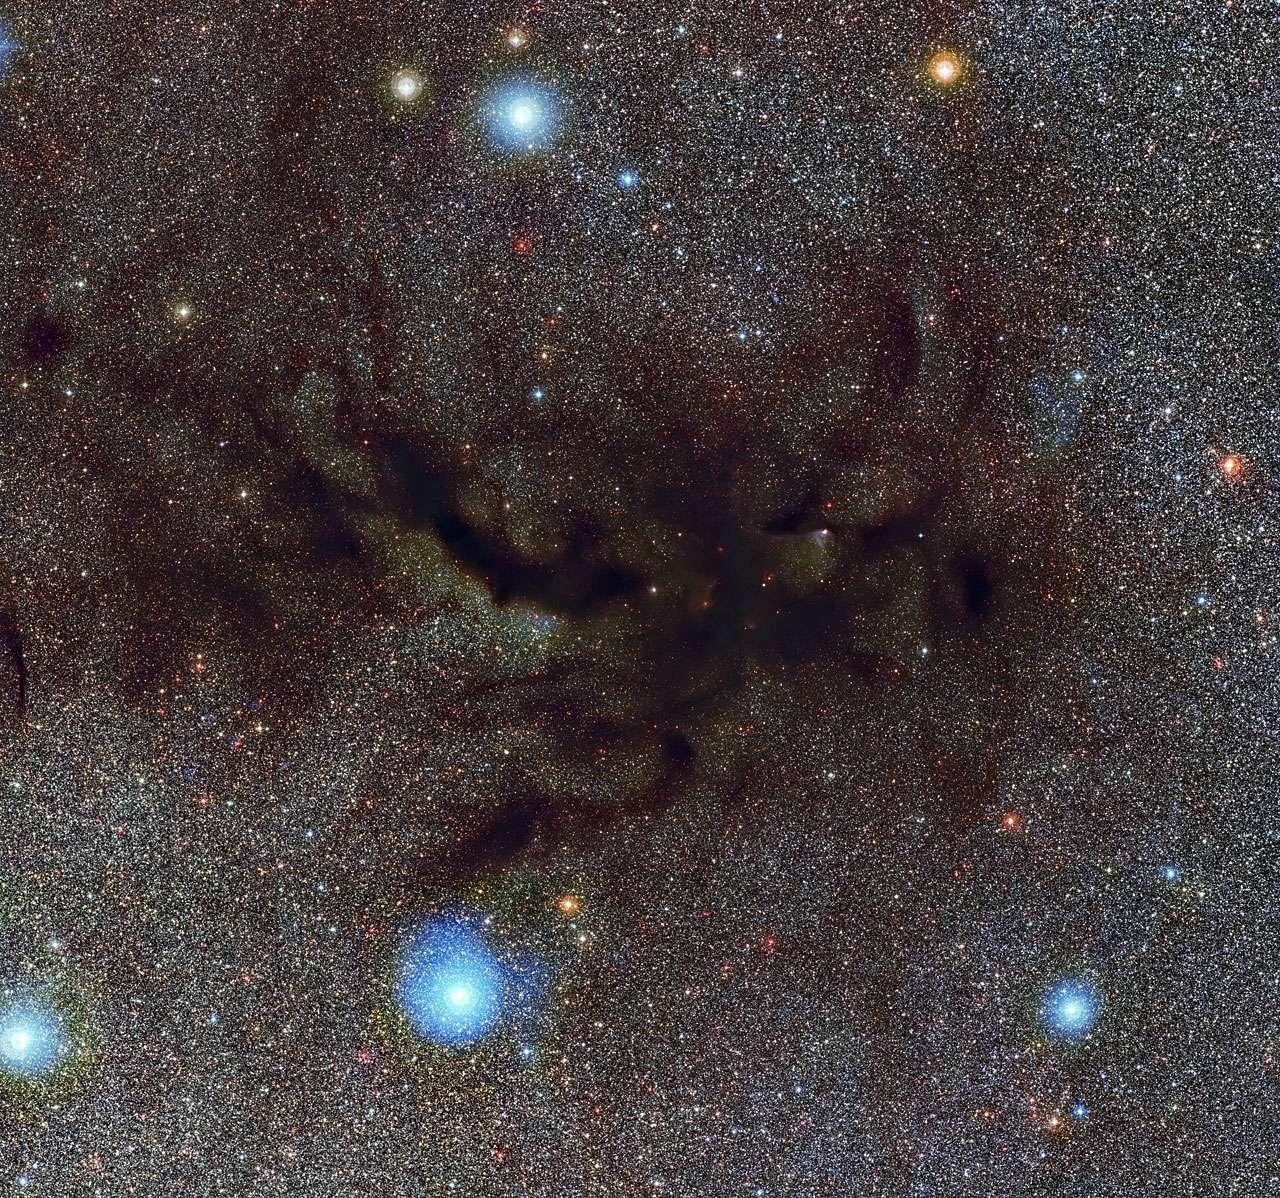 Cette image montre Barnard 59, une partie d'un vaste et sombre nuage de poussière interstellaire appelé la nébuleuse de la Pipe. Cette nouvelle image très détaillée a été réalisée par la caméra WFI (Wide Field Imager) sur le télescope MPG/ESO de 2,2 m à l'Observatoire de la Silla. © ESO